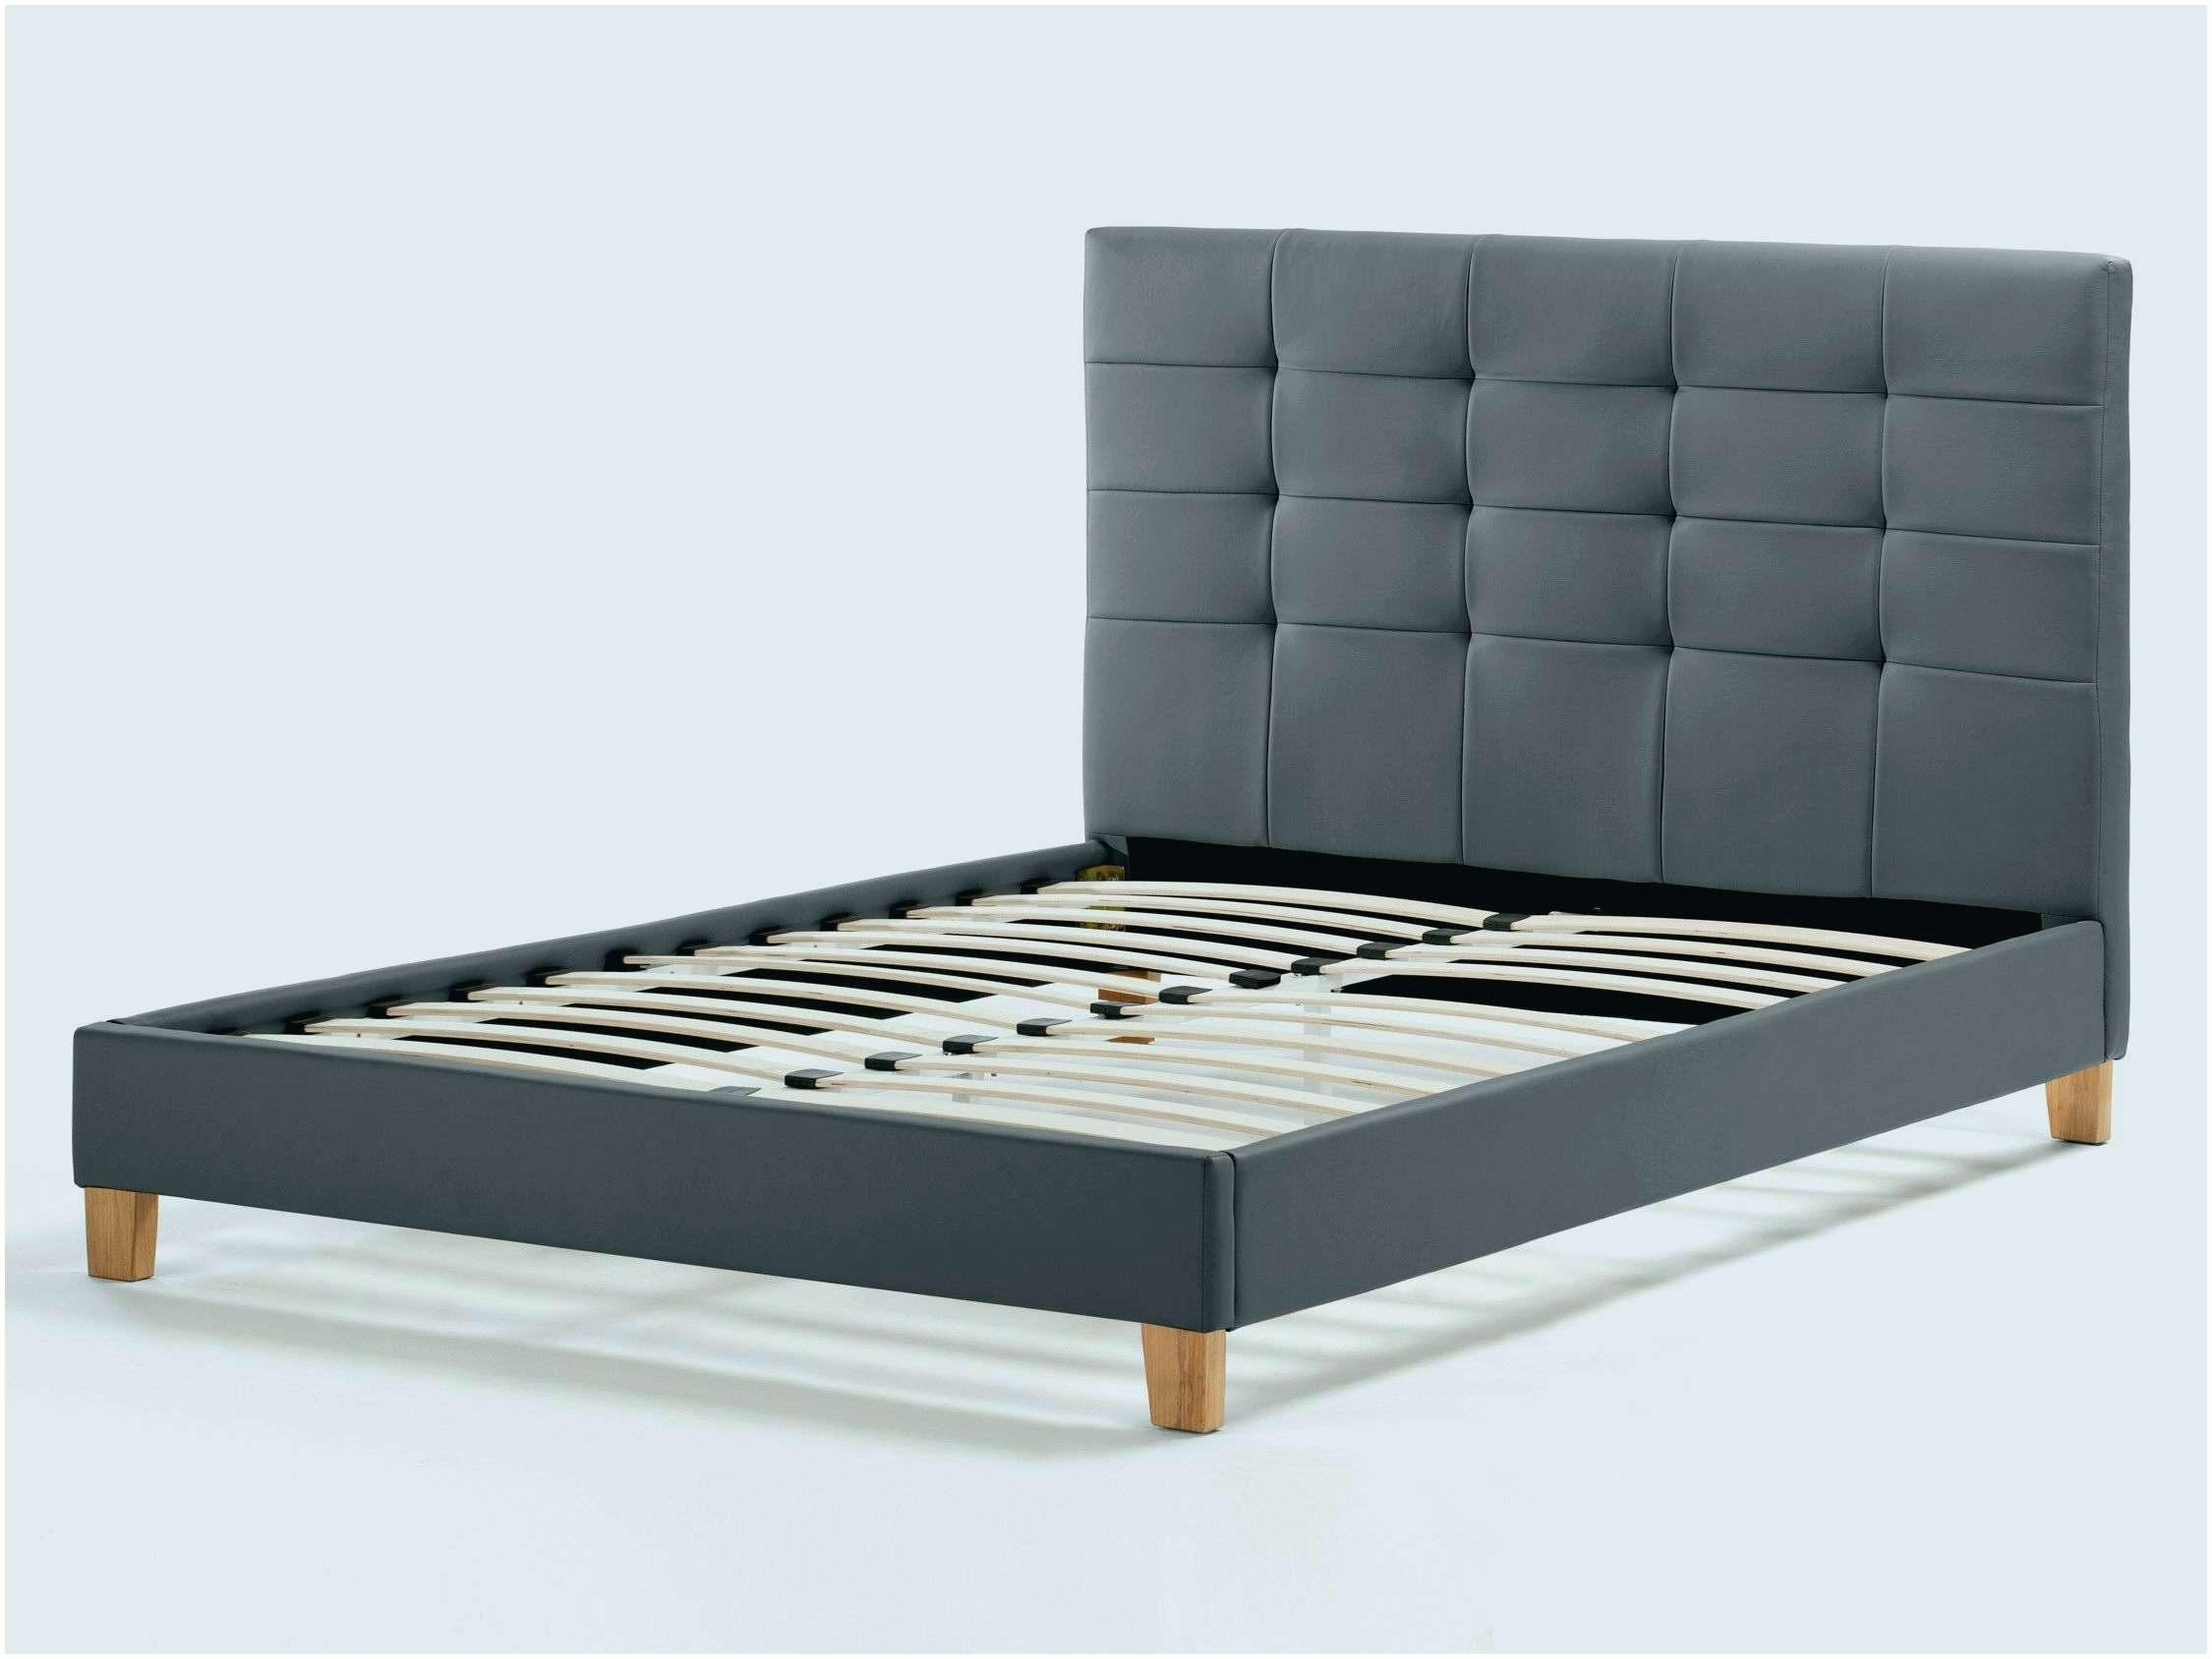 Lit Fer forgé 160×200 De Luxe Luxe 42 Meilleures Canapé Lit 2 Places Fer forgé Pour Alternative